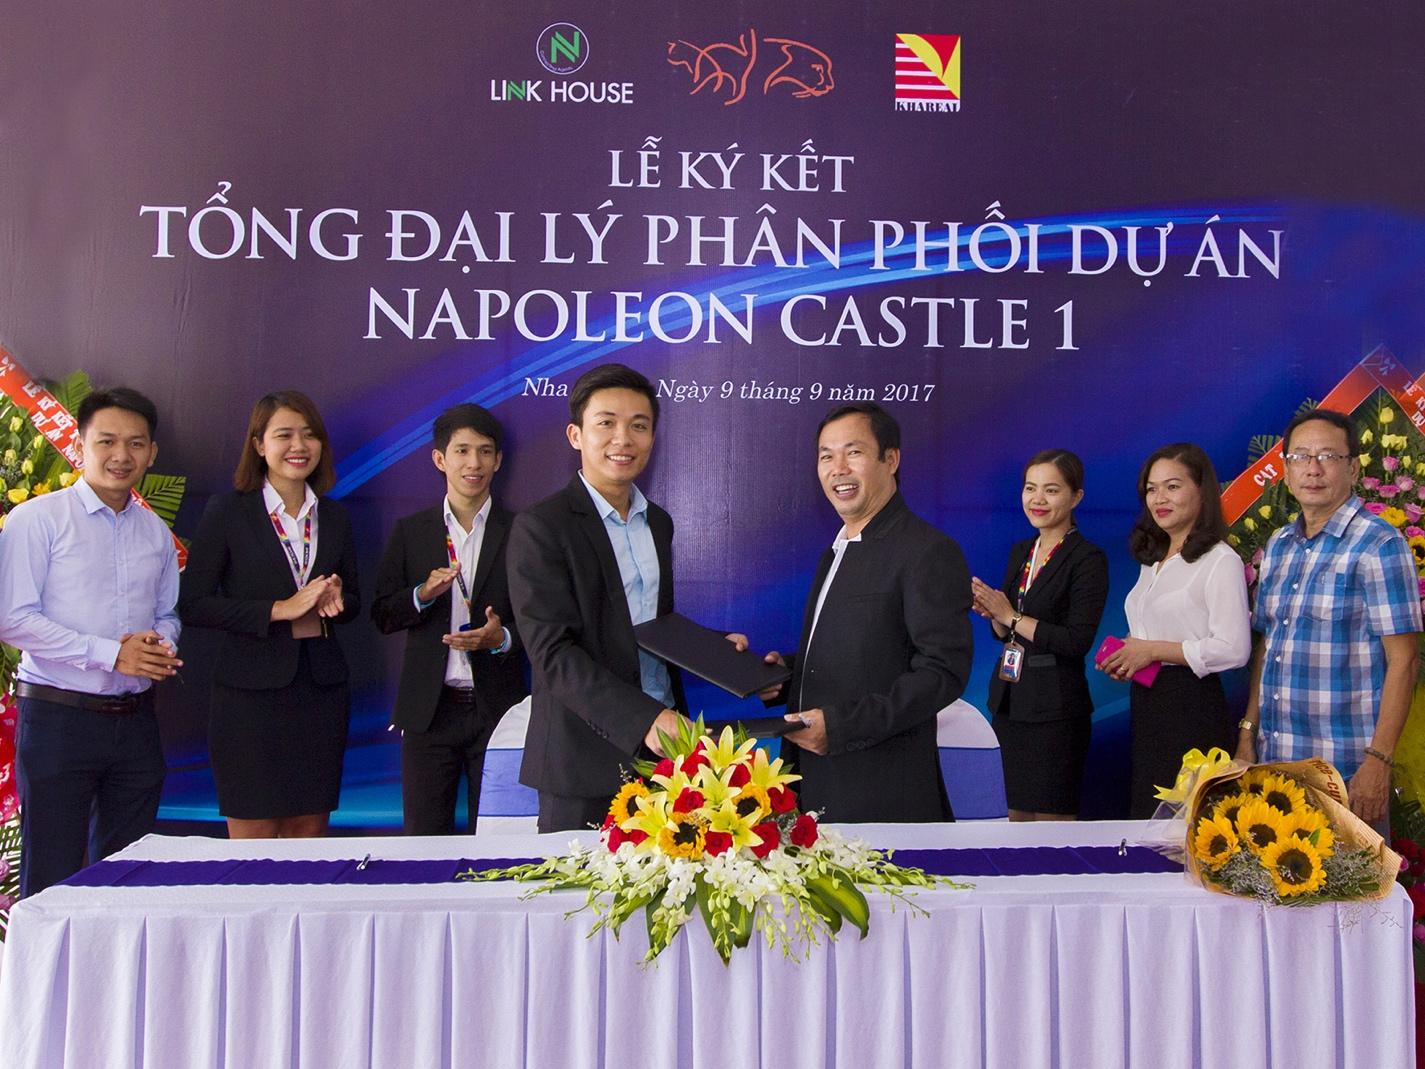 Linkhouse Nha Trang trở thành đối tác chiến lược phân phối dự án Napoleon Castle I